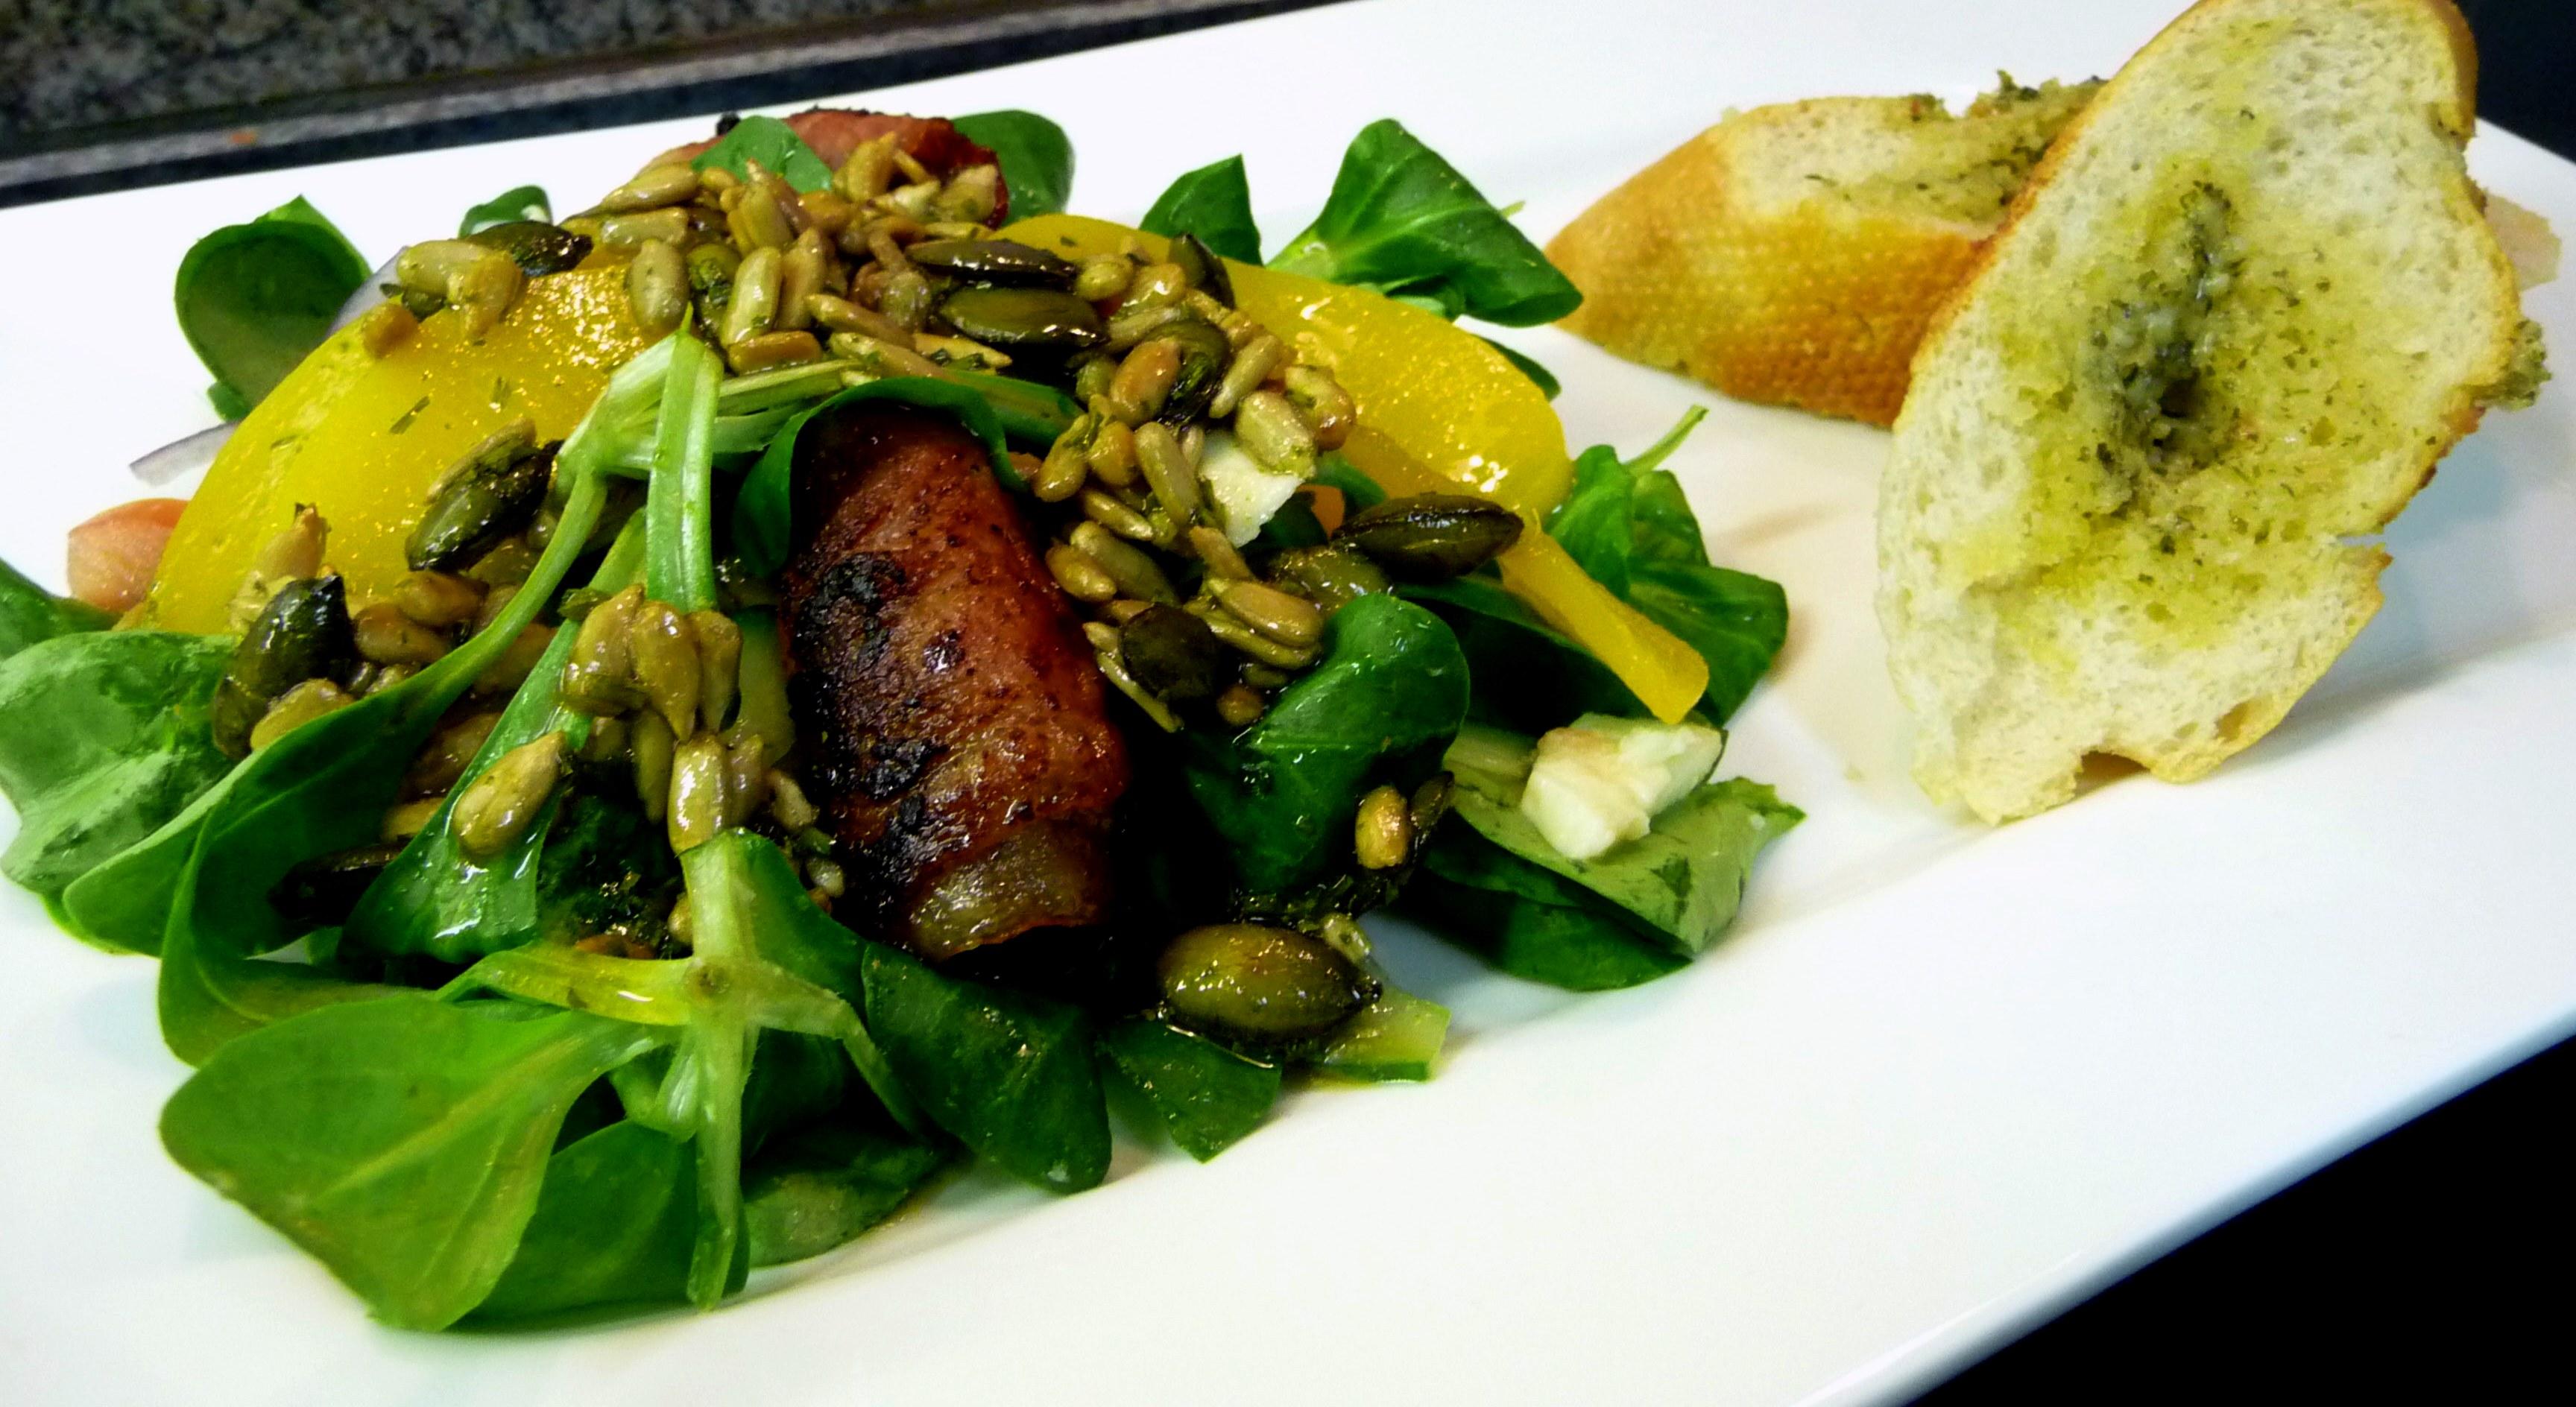 Feldsalat mit Pfirsichspalten und Datteln im Speckmantel